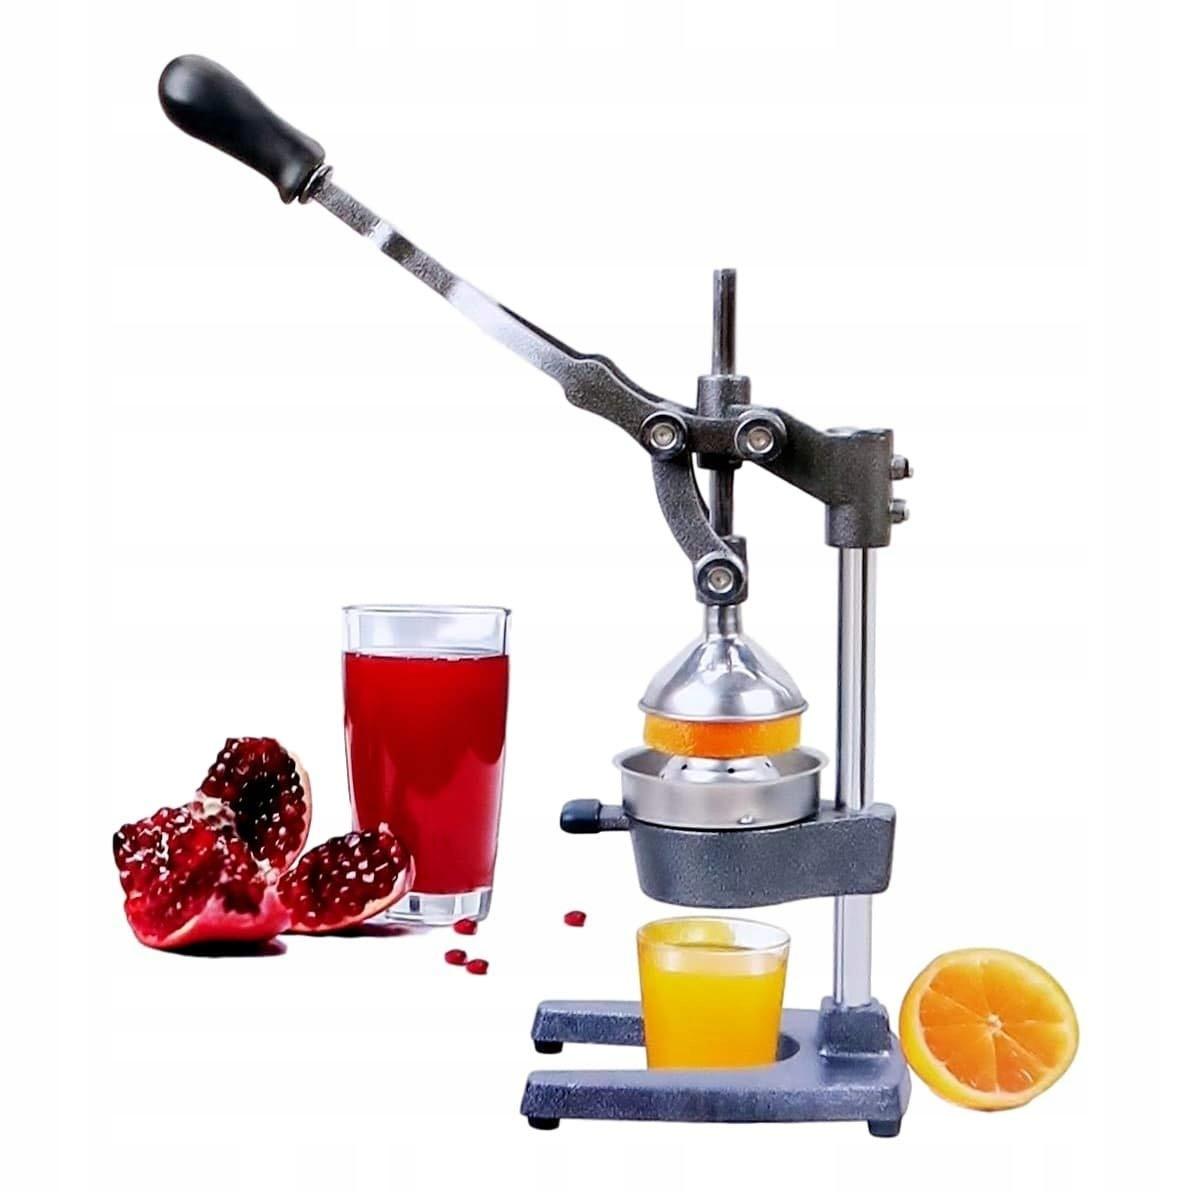 Super Ręczna wyciskarka do owoców WORKING HOUSE CJ-105 - 7449808363 QG21